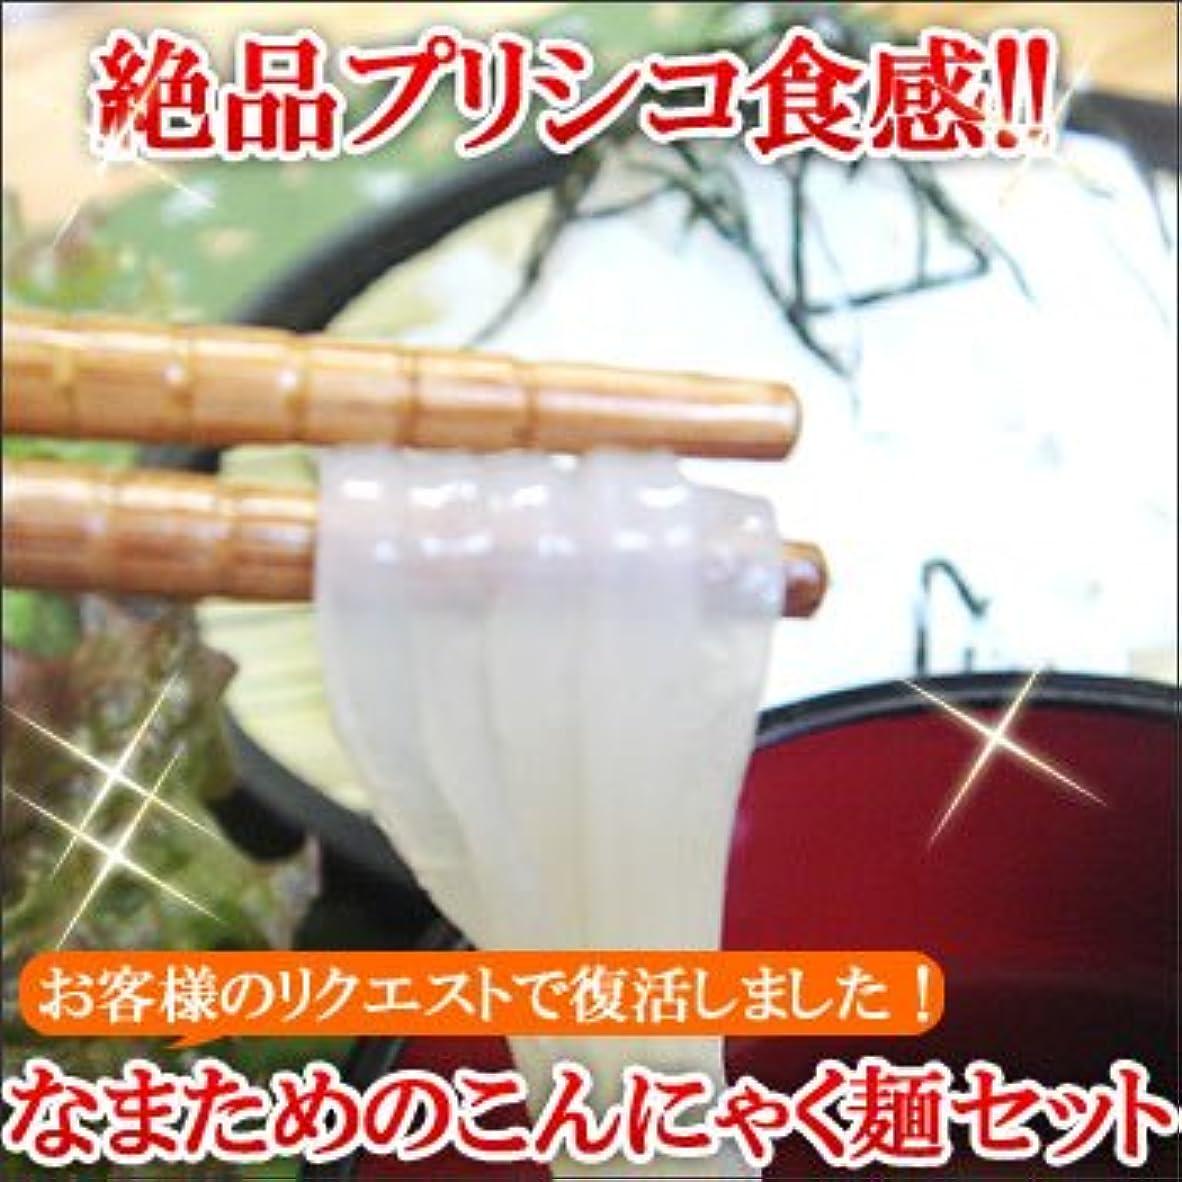 虐待ハッピーバタフライプリシコこんにゃく麺30袋セット